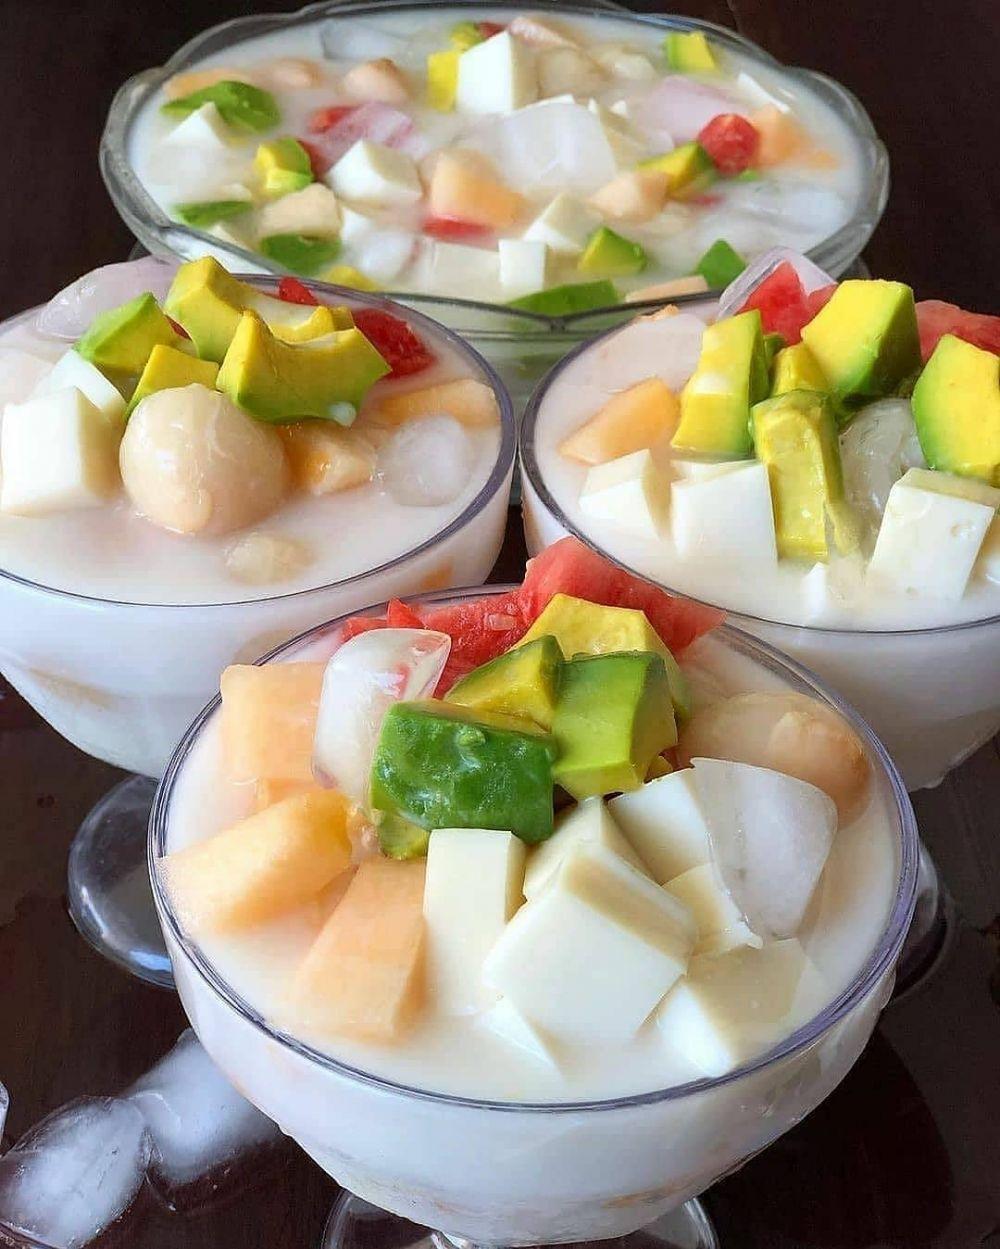 Resep Takjil Buka Puasa C 2020 Instagram Dapur Pandamerah Instagram Banususanto Di 2020 Resep Minuman Resep Makanan Ringan Gurih